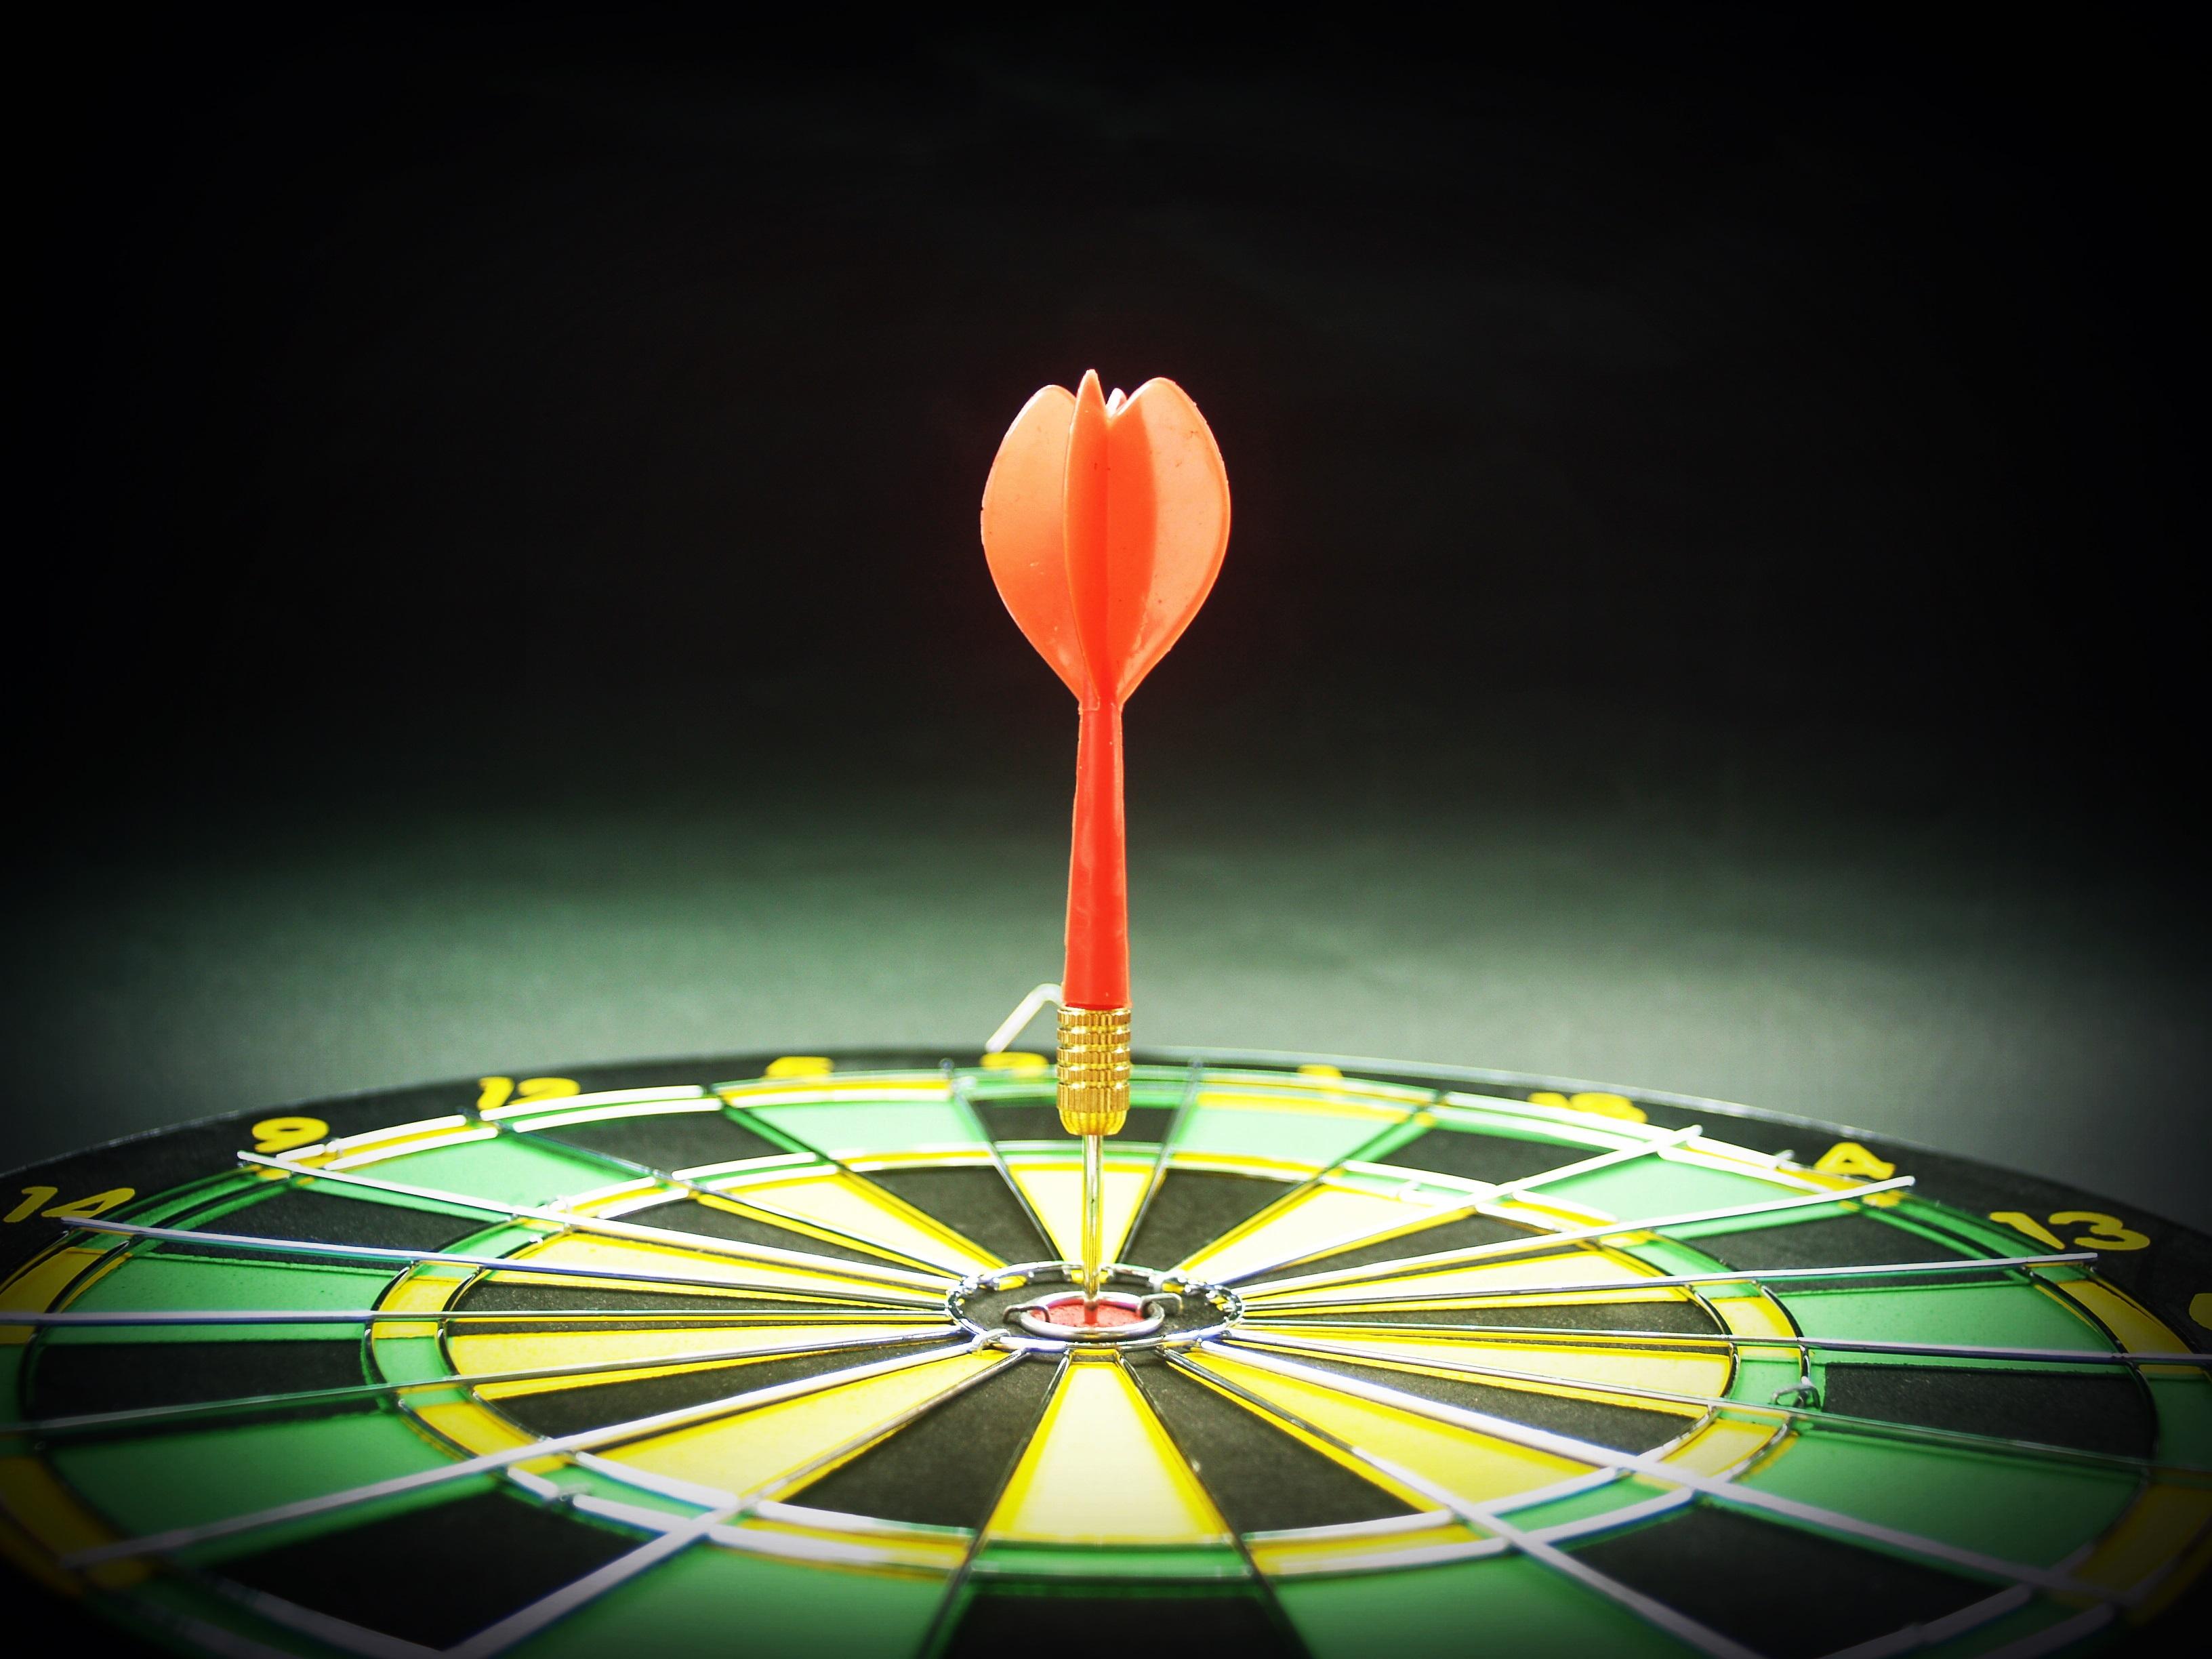 dartboard target aim goal achievement concept